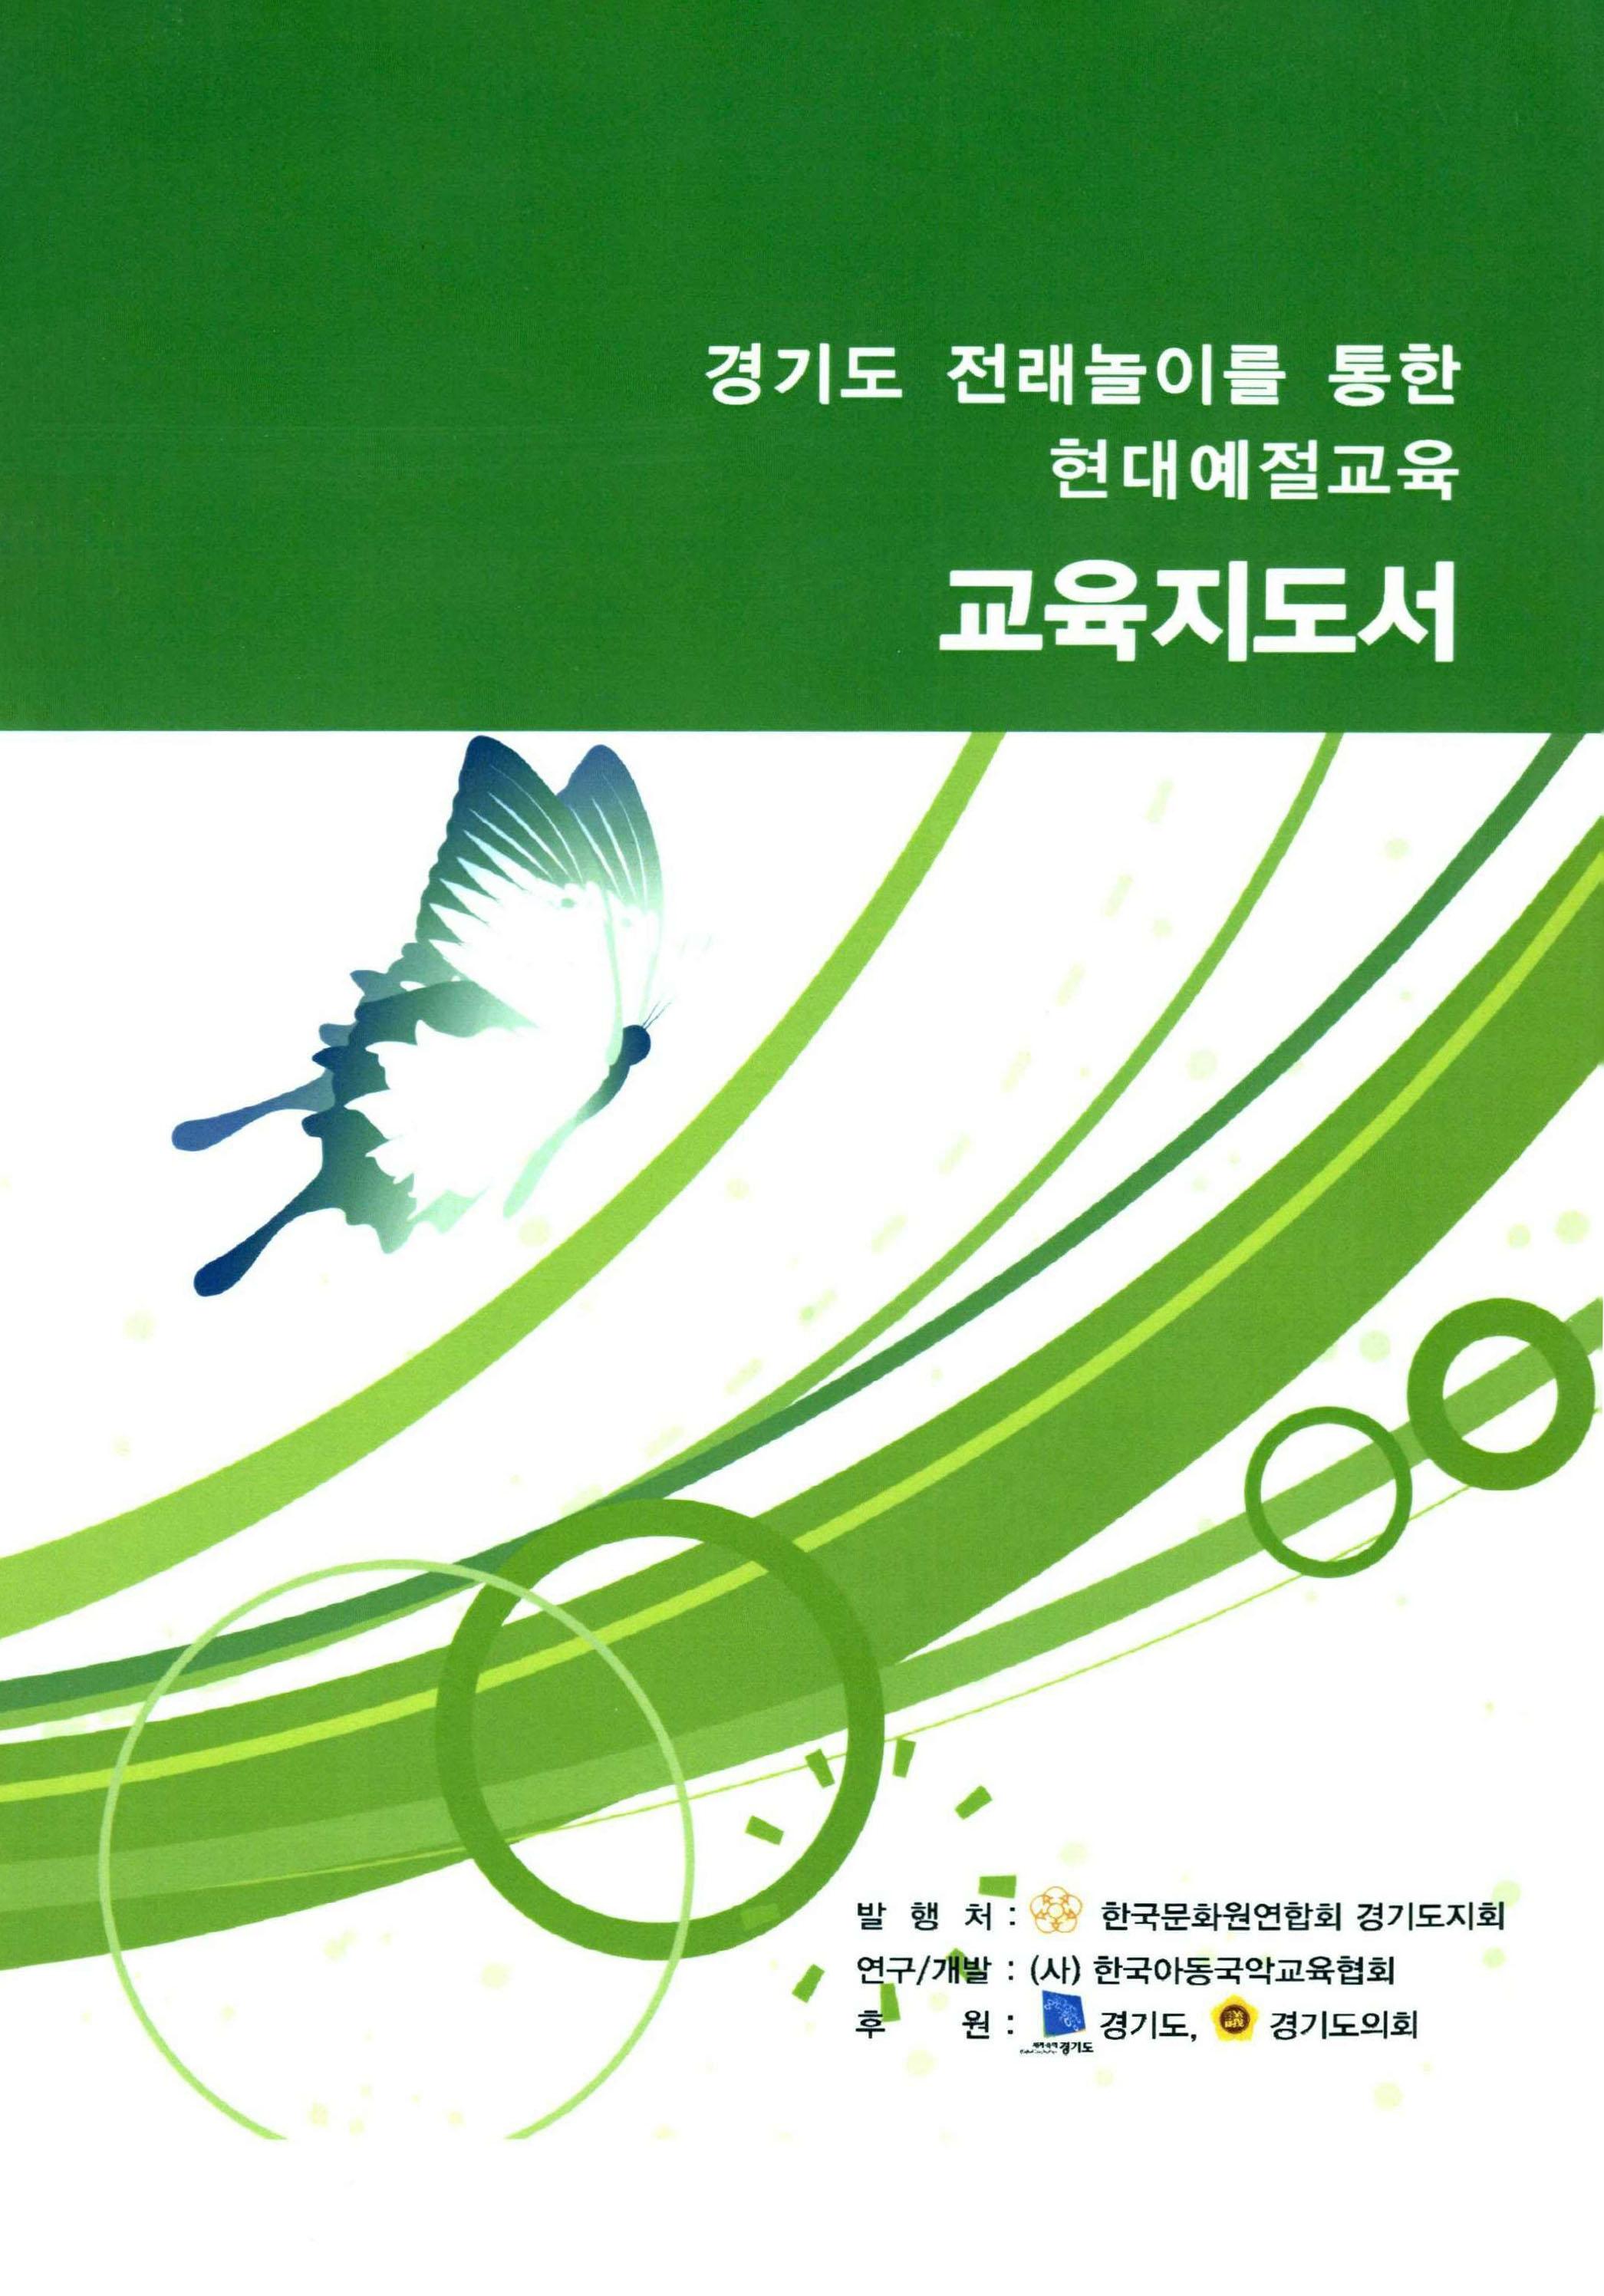 경기도 전래놀이를 통한 현대예절교육 교육지도서